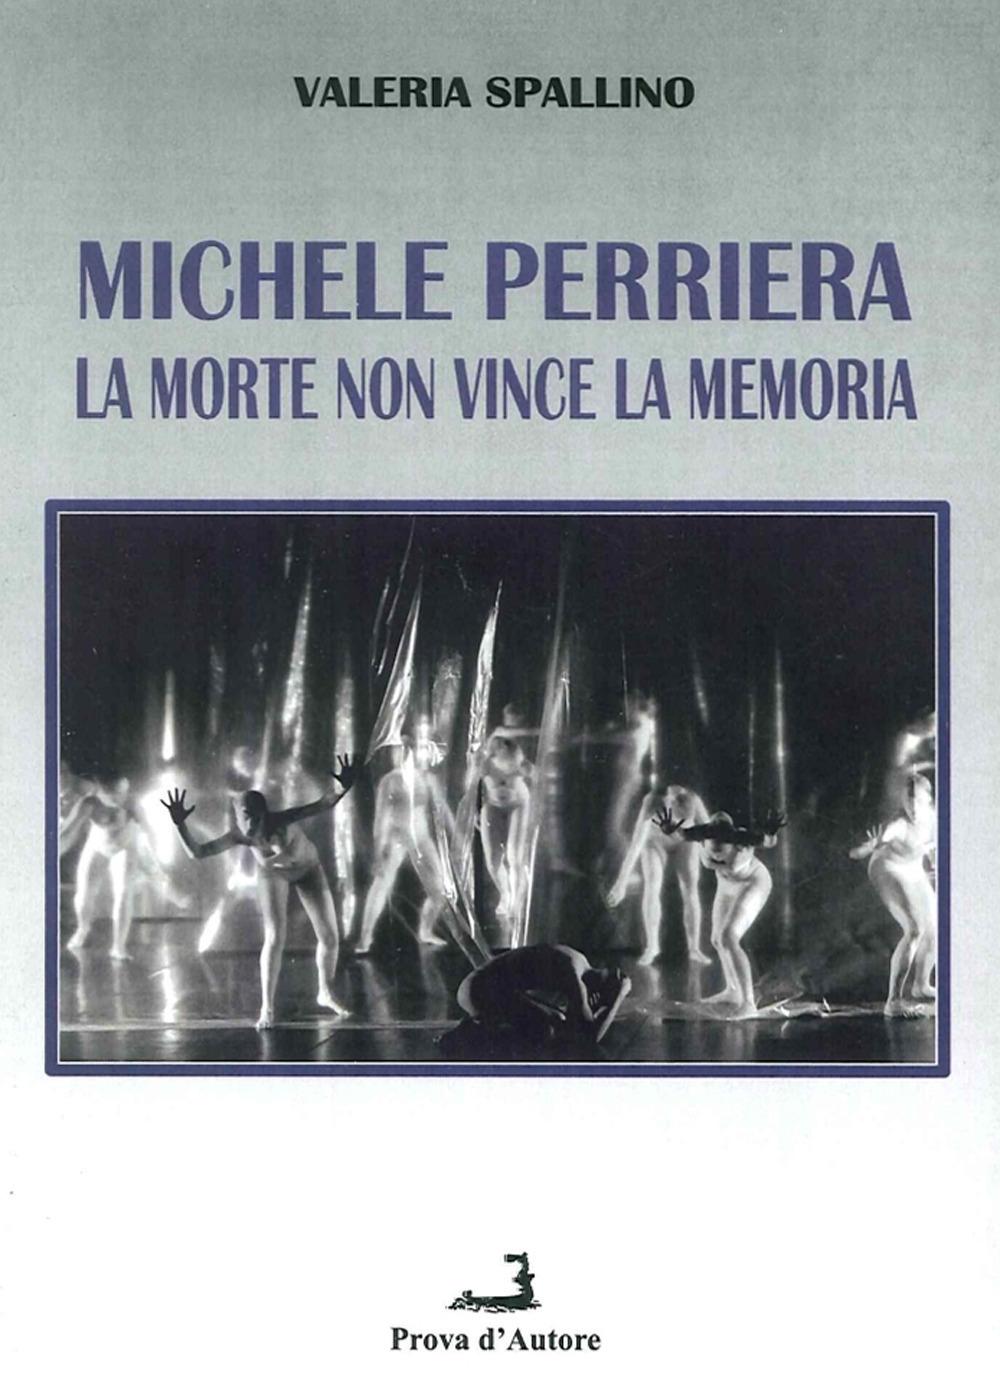 Michele Perriera. La Morte non Vince la Memoria